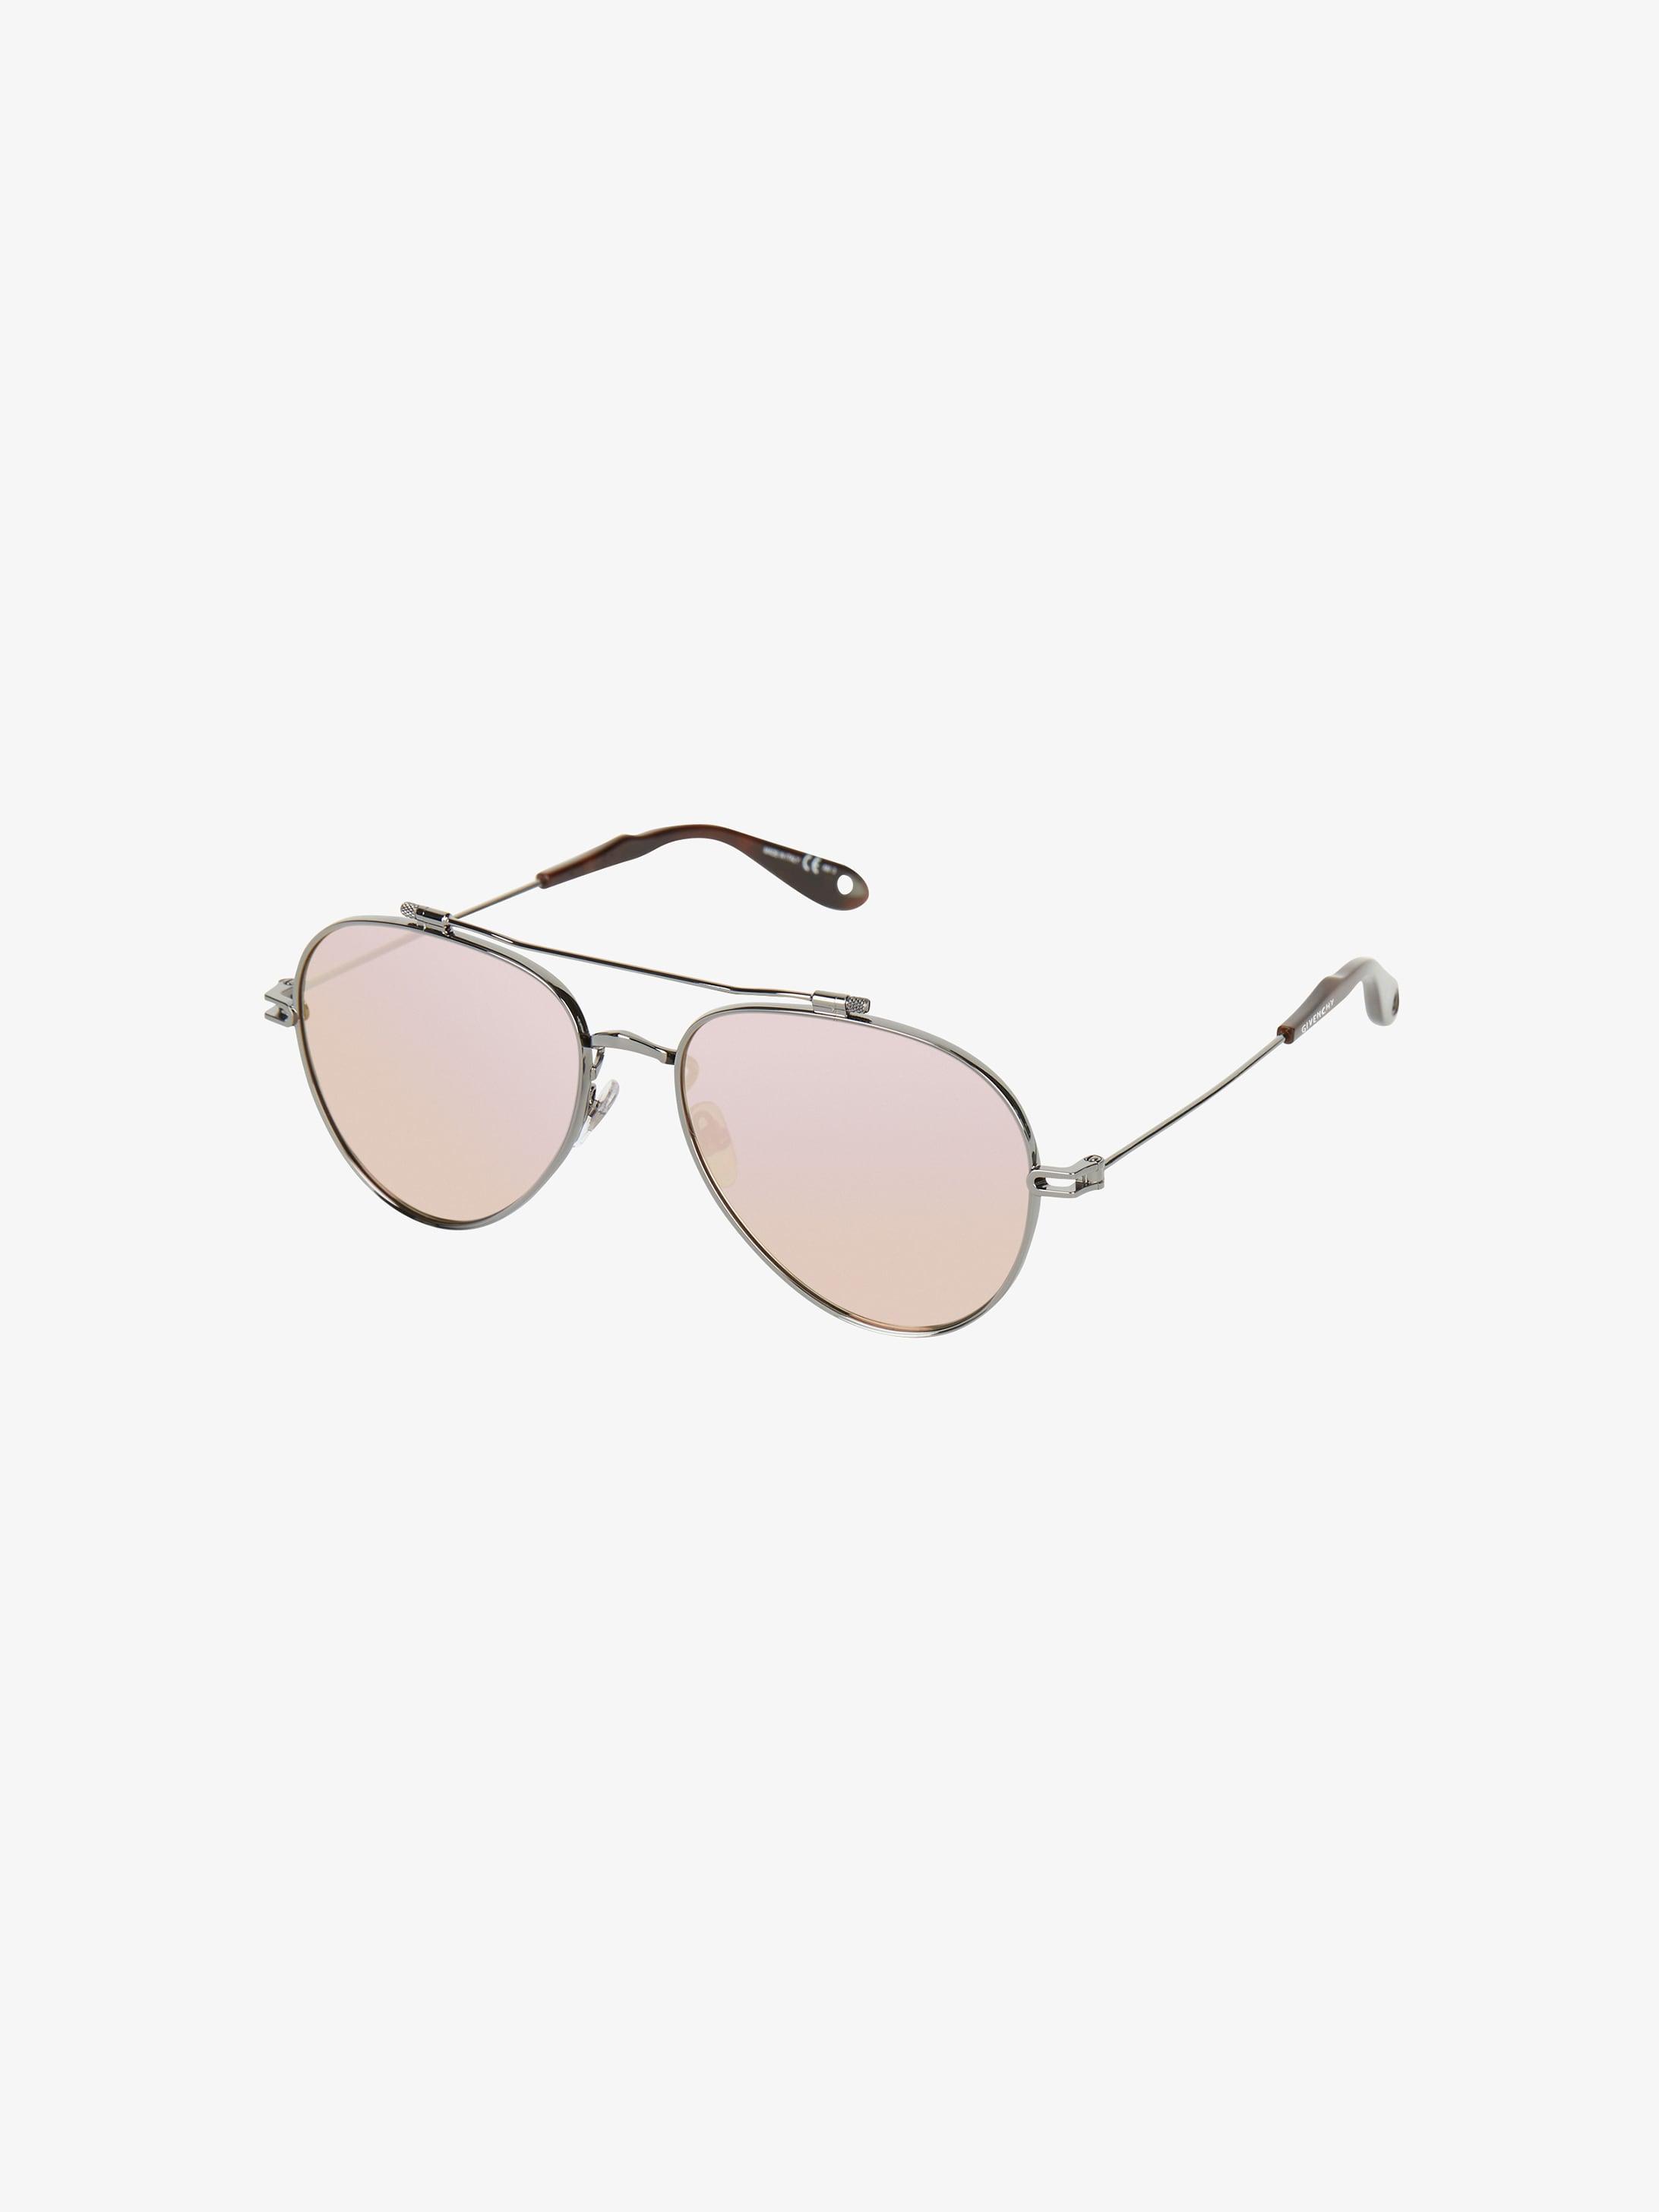 Sunglasses in metal